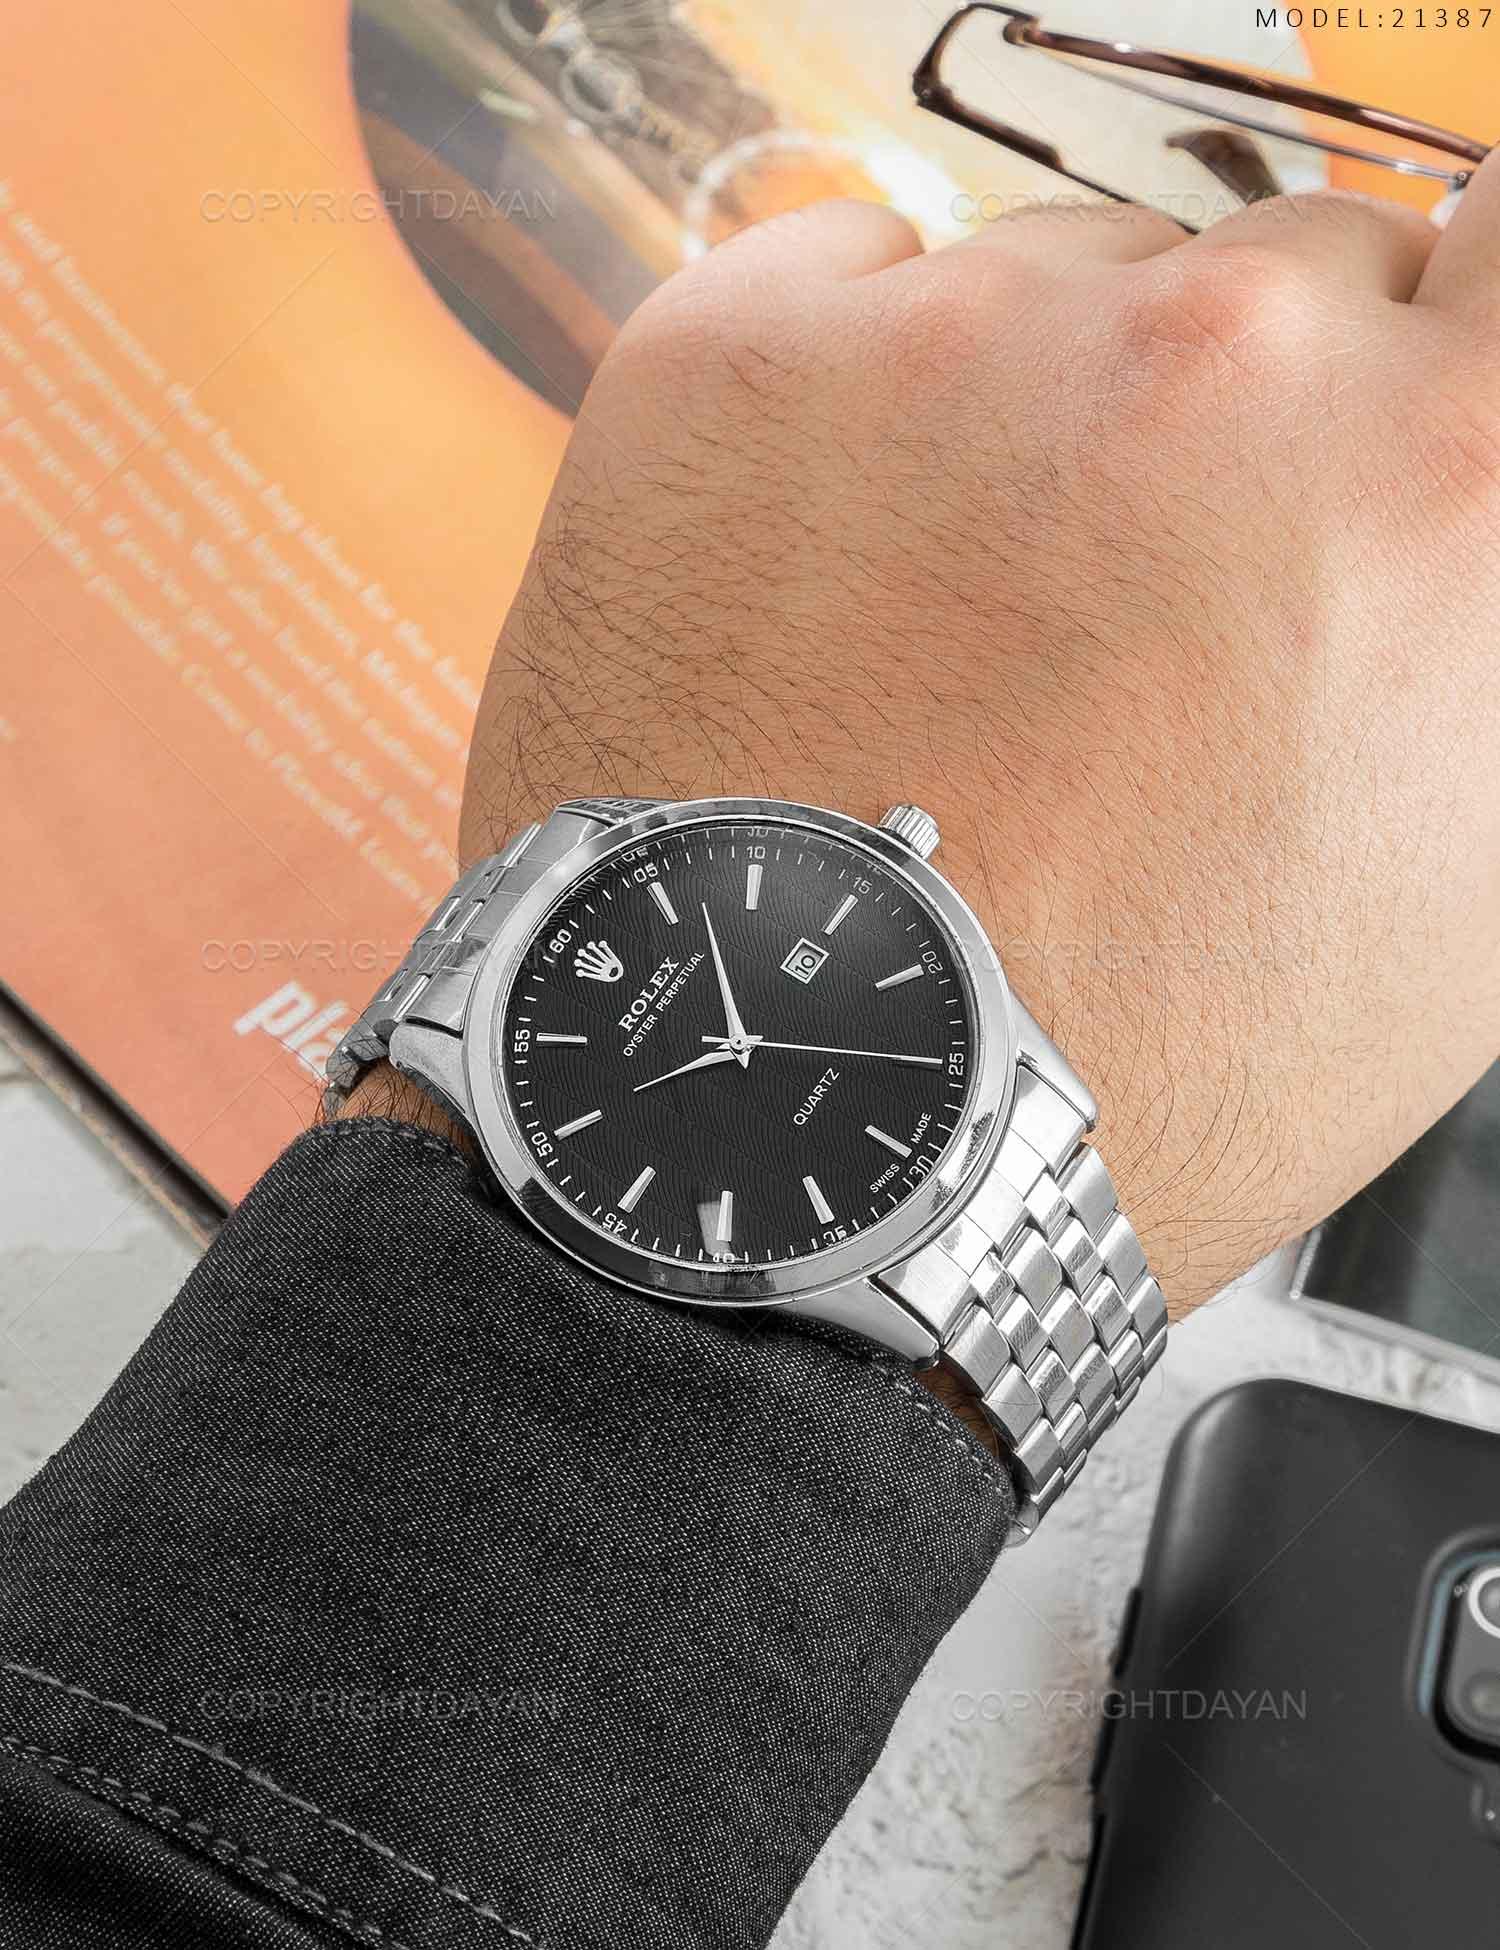 ساعت مچی مردانه Rolex مدل 21387 ساعت مچی مردانه Rolex مدل 21387 169,000 تومان